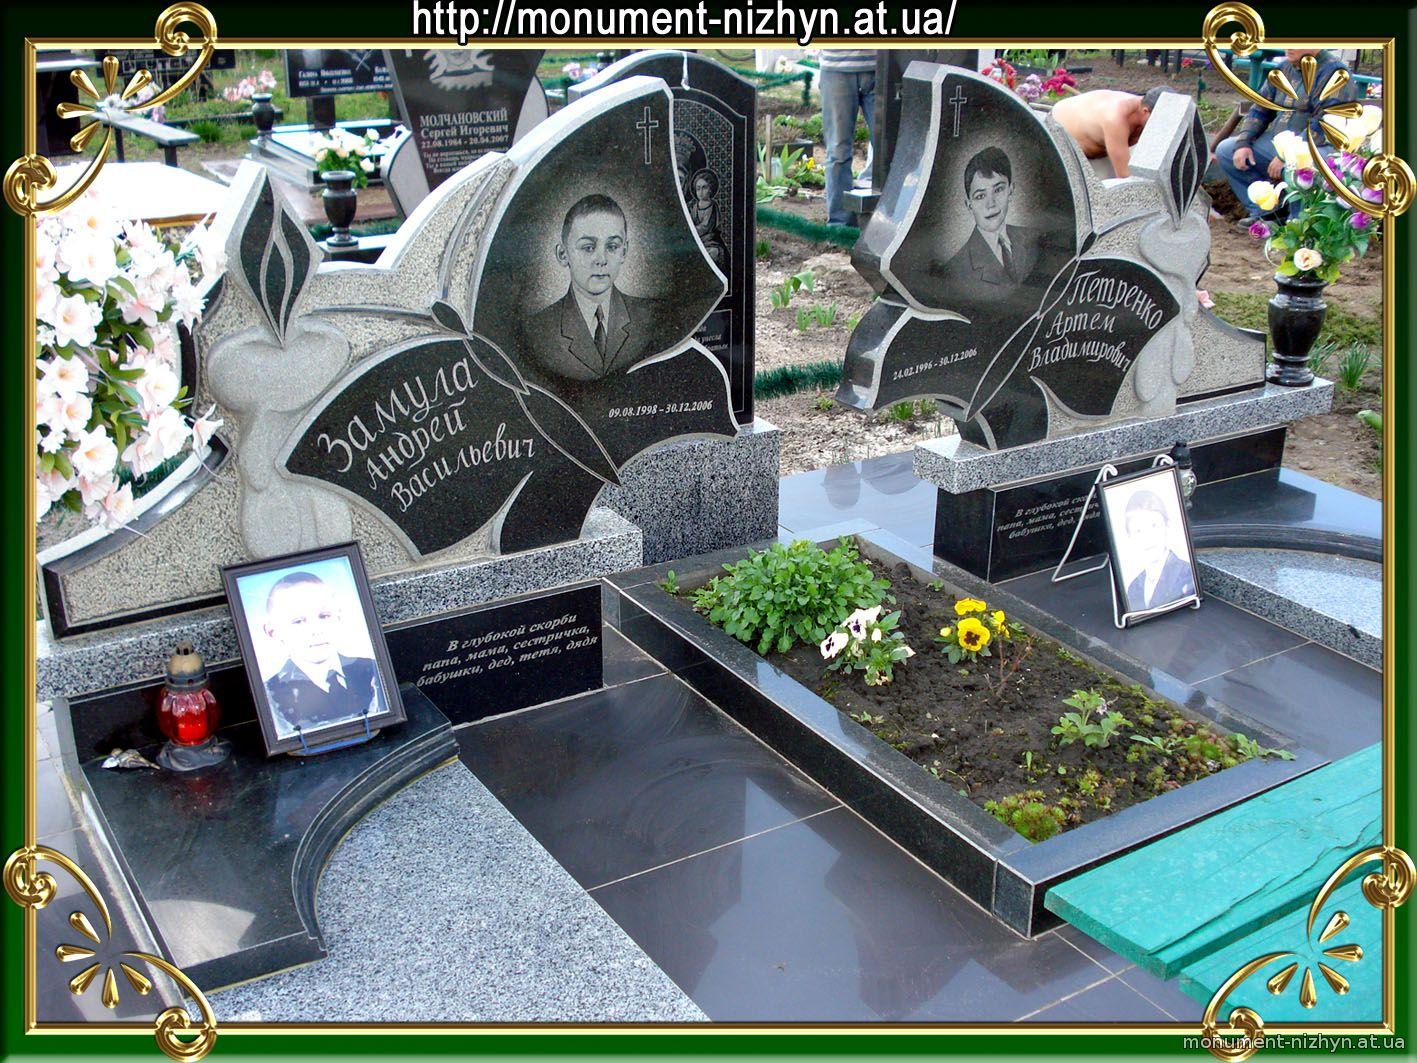 Надгробные памятники купить у них квартиру памятники надгробные купить 3